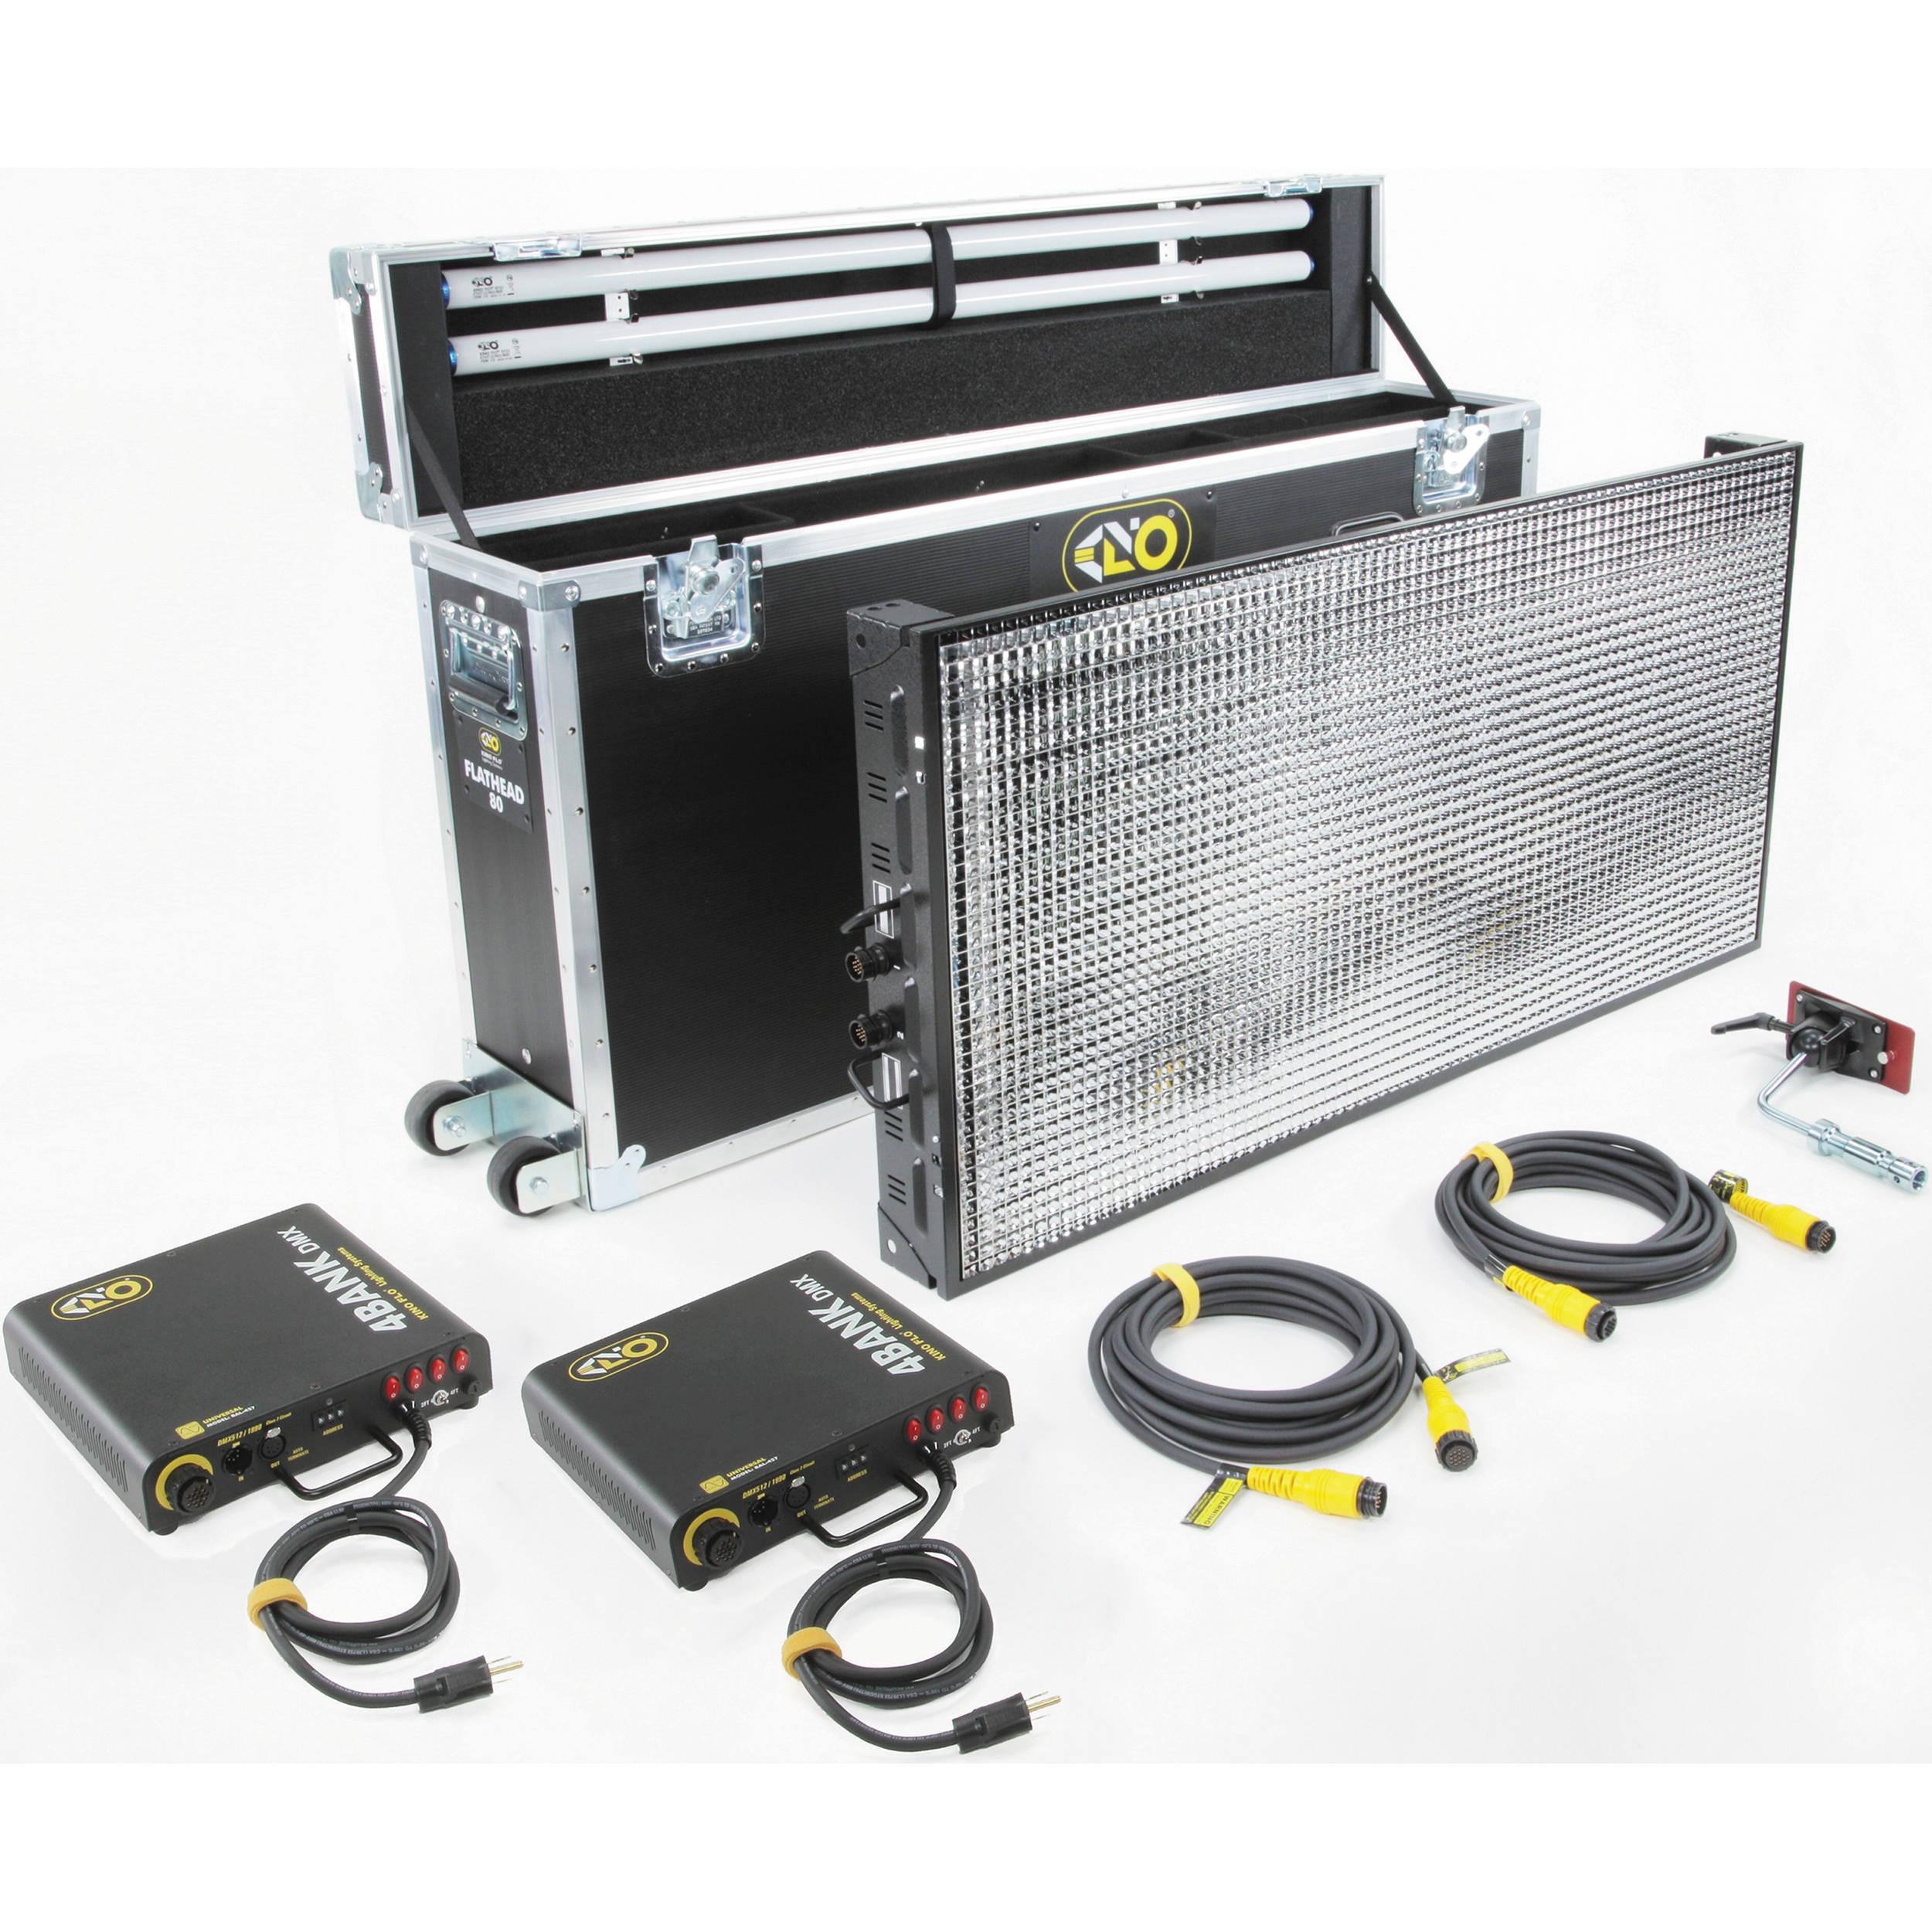 Kino Flo Flathead 80 DMX System Kit (Europlug)